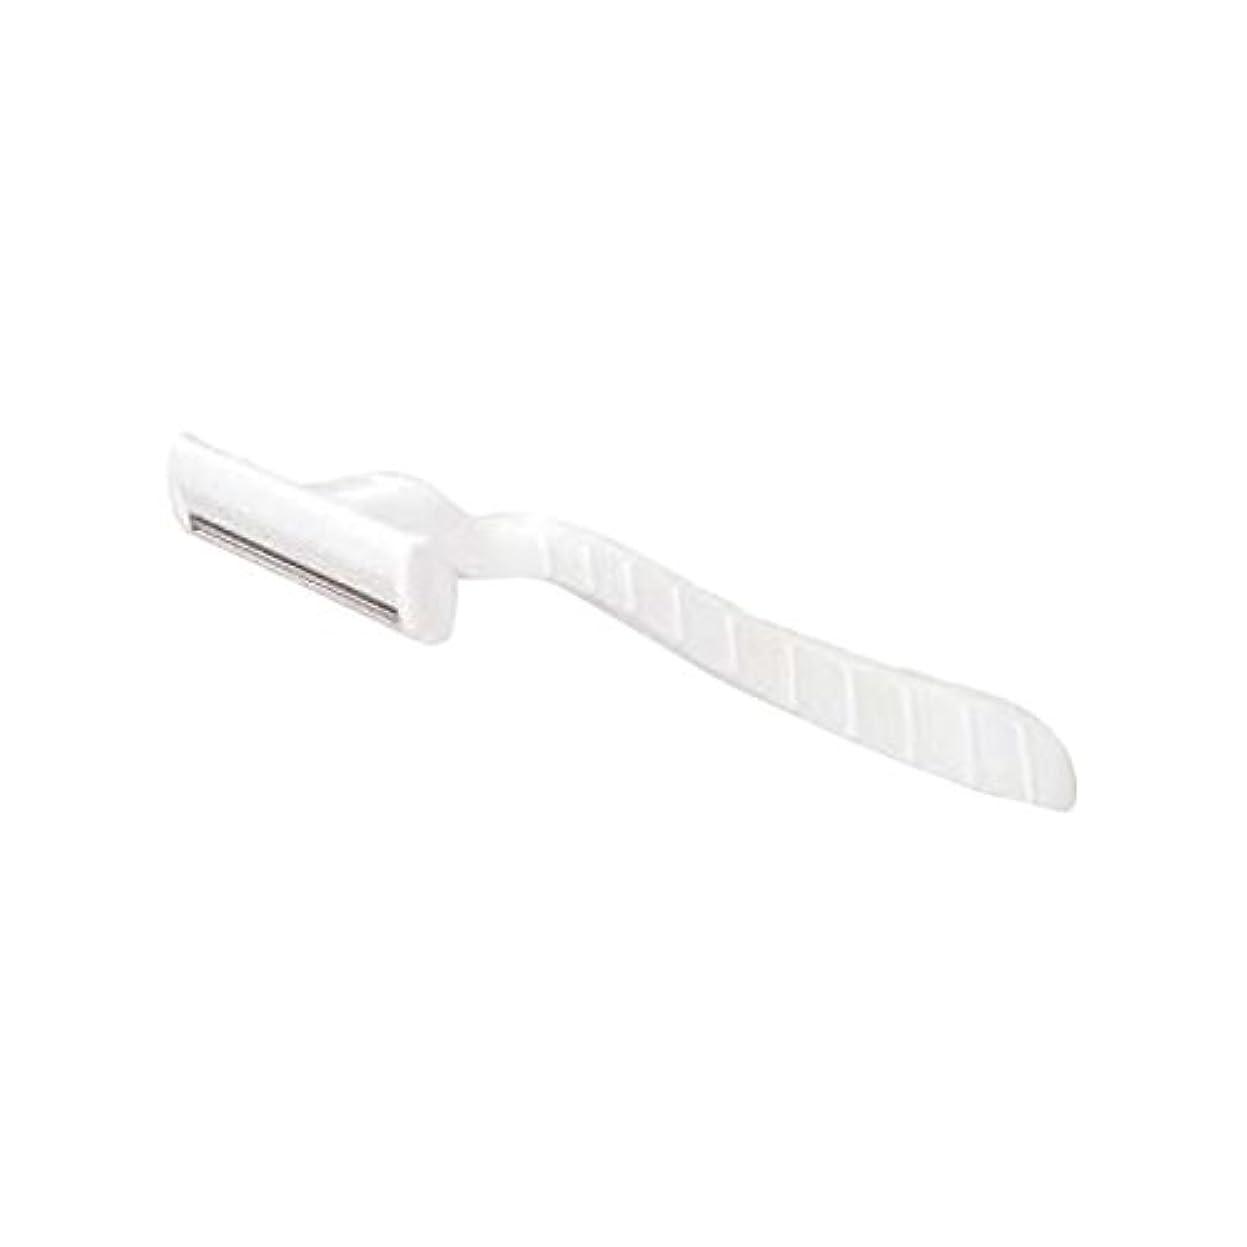 りんごホームレス結晶ホテル業務用シックカミソリ2枚刃(白)OP袋入 500本